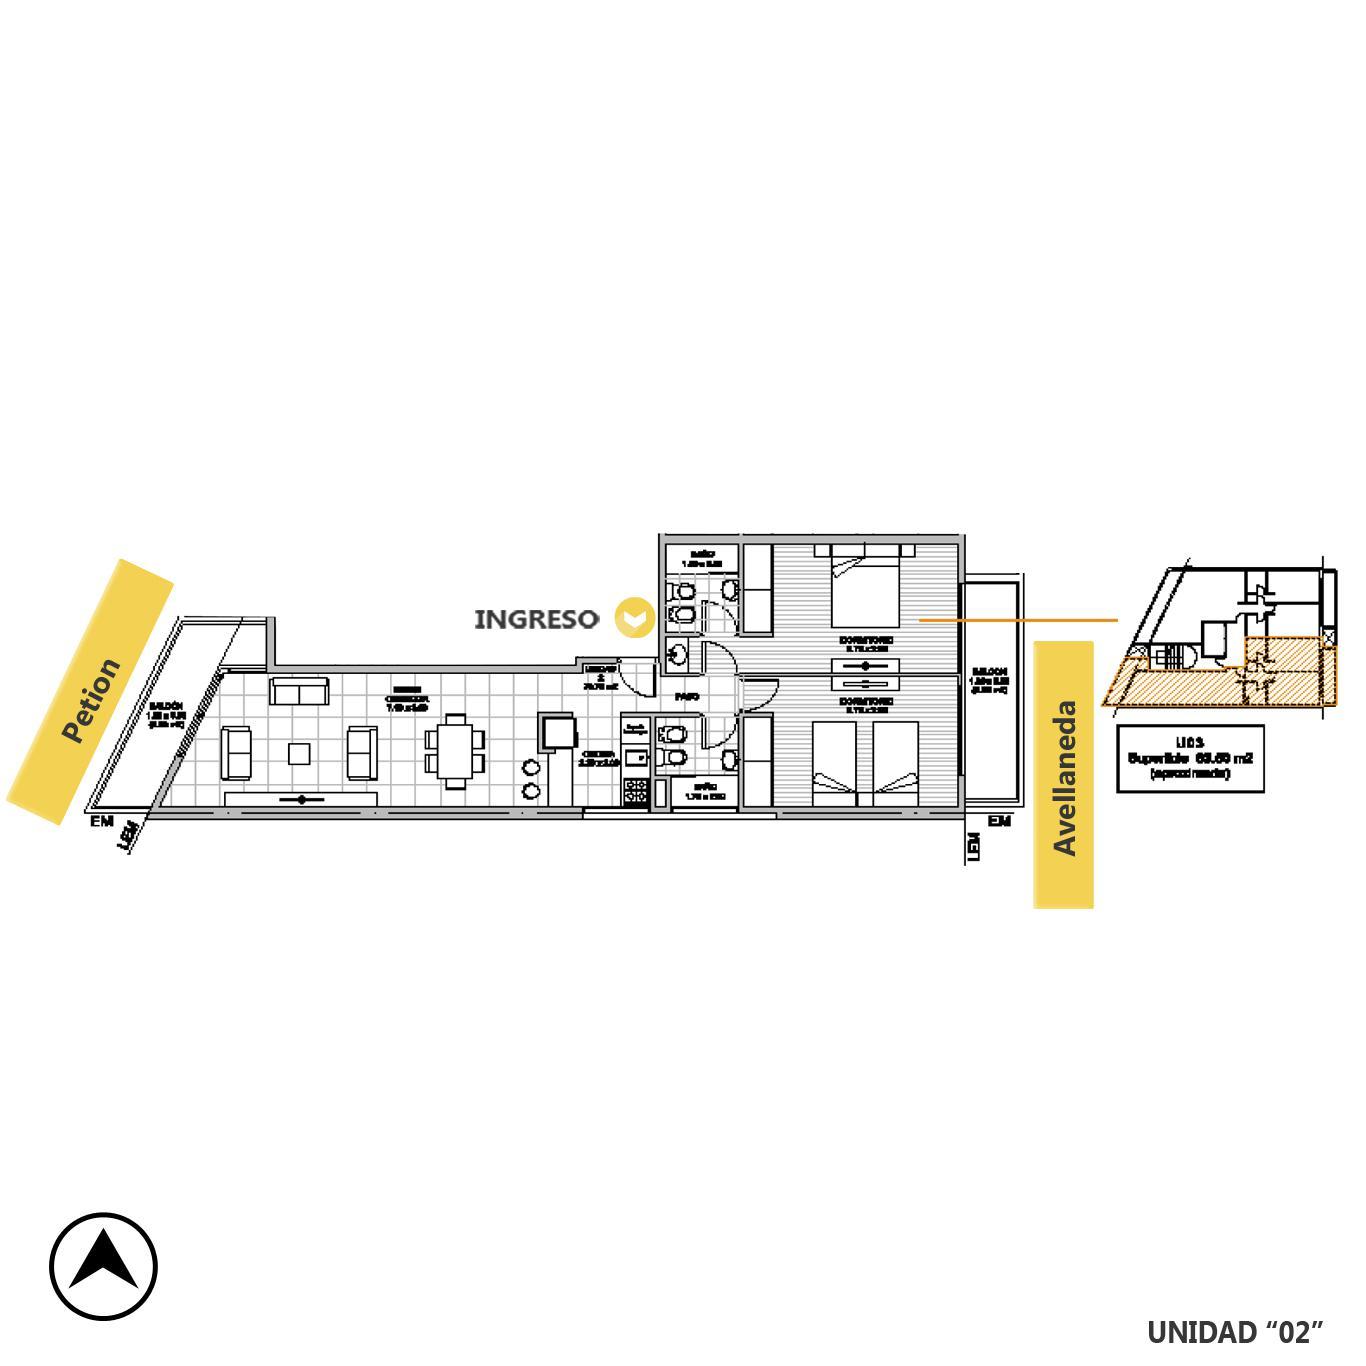 Venta departamento 2 dormitorios Rosario, Remedios De Escalada De San Martin. Cod CBU23216 AP2197327. Crestale Propiedades